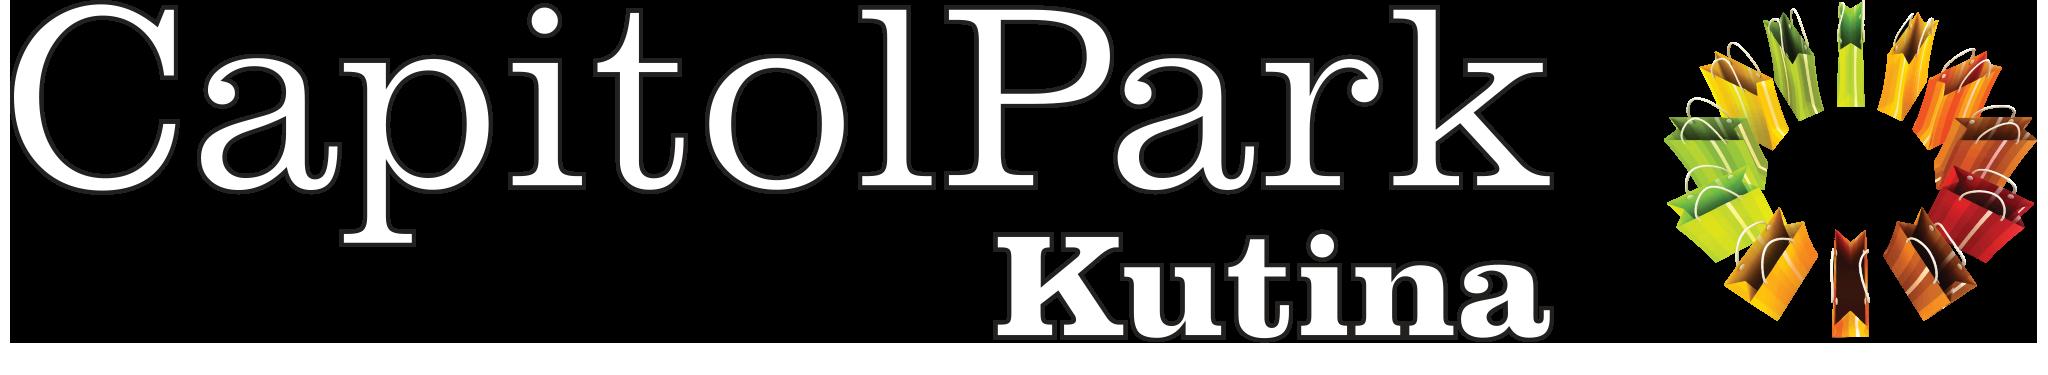 Capitol Park Kutina